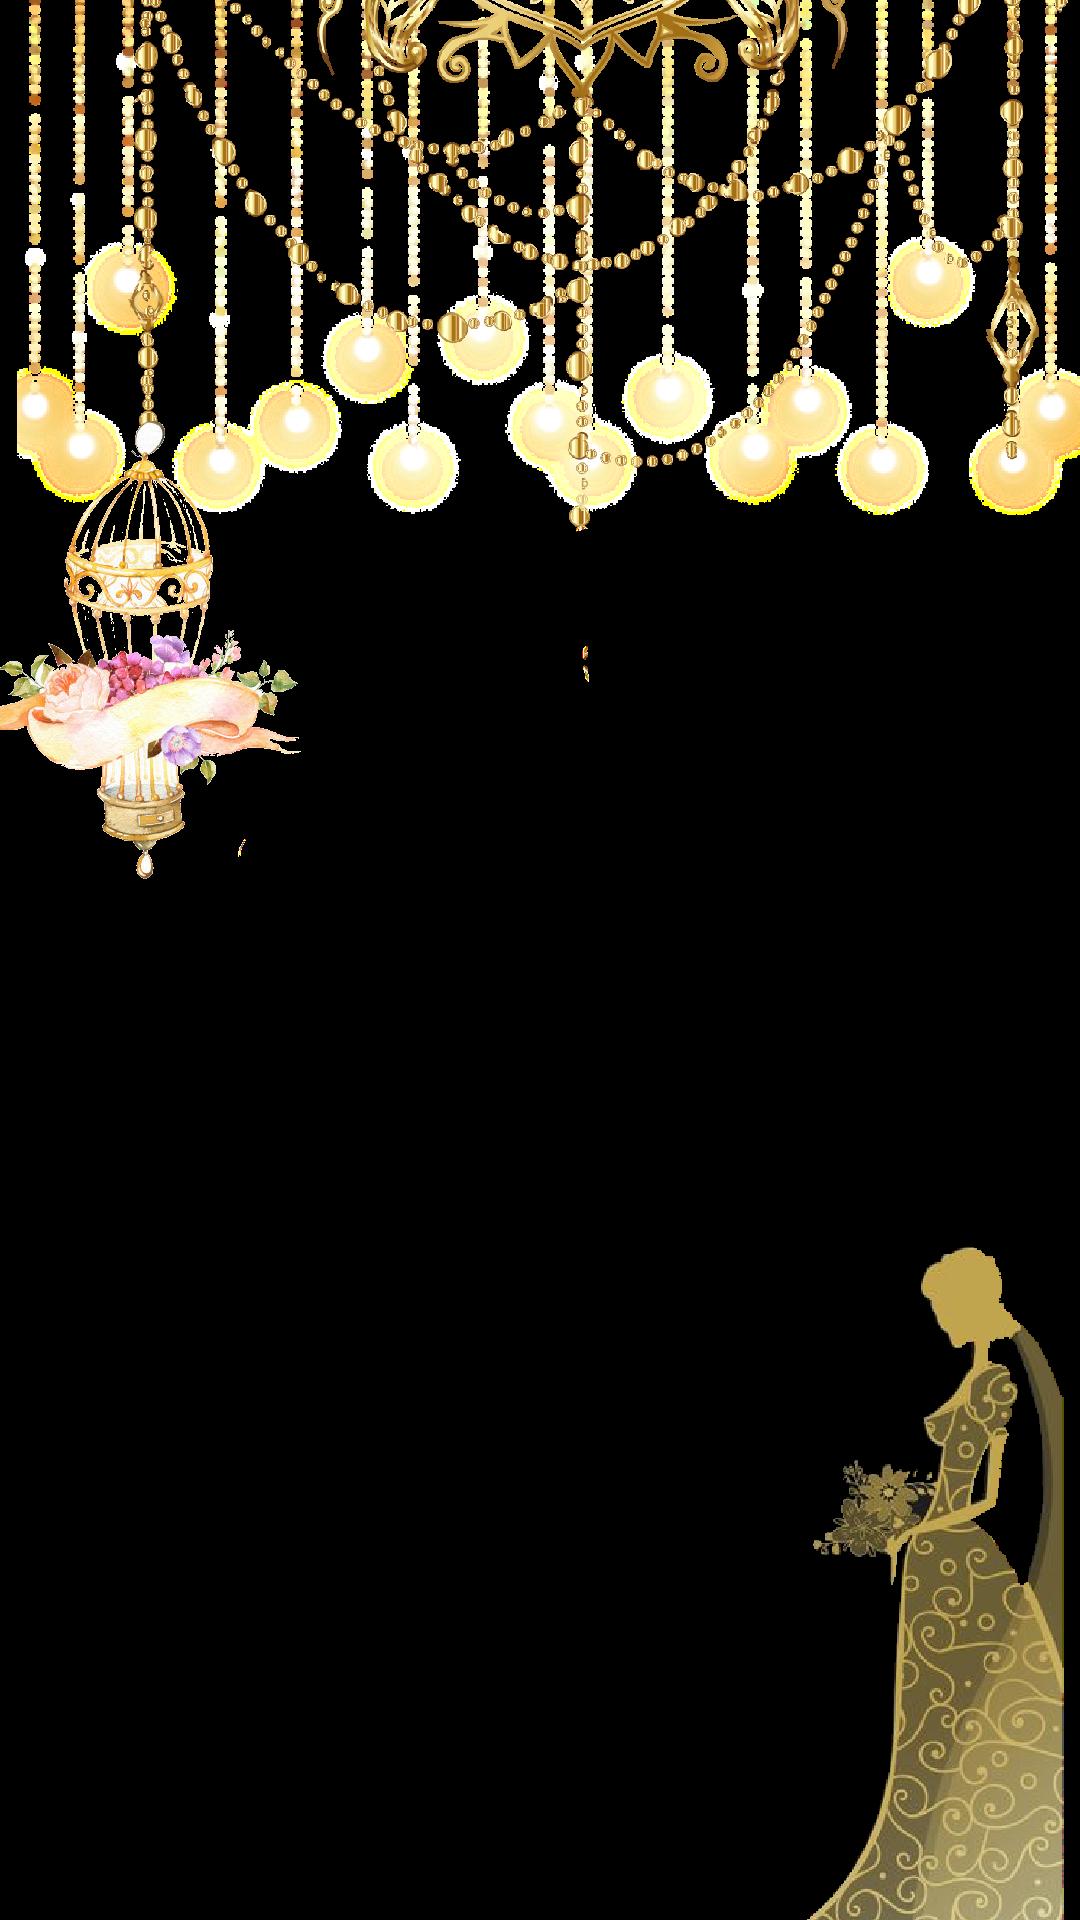 يا زفة العذ ارى يامحلاها ويلوق بالكفين حناها عروستنا غدير يا أجمل عروس فطوم الس Wedding Invitation Background Wedding Cards Images Wedding Invitation Posters